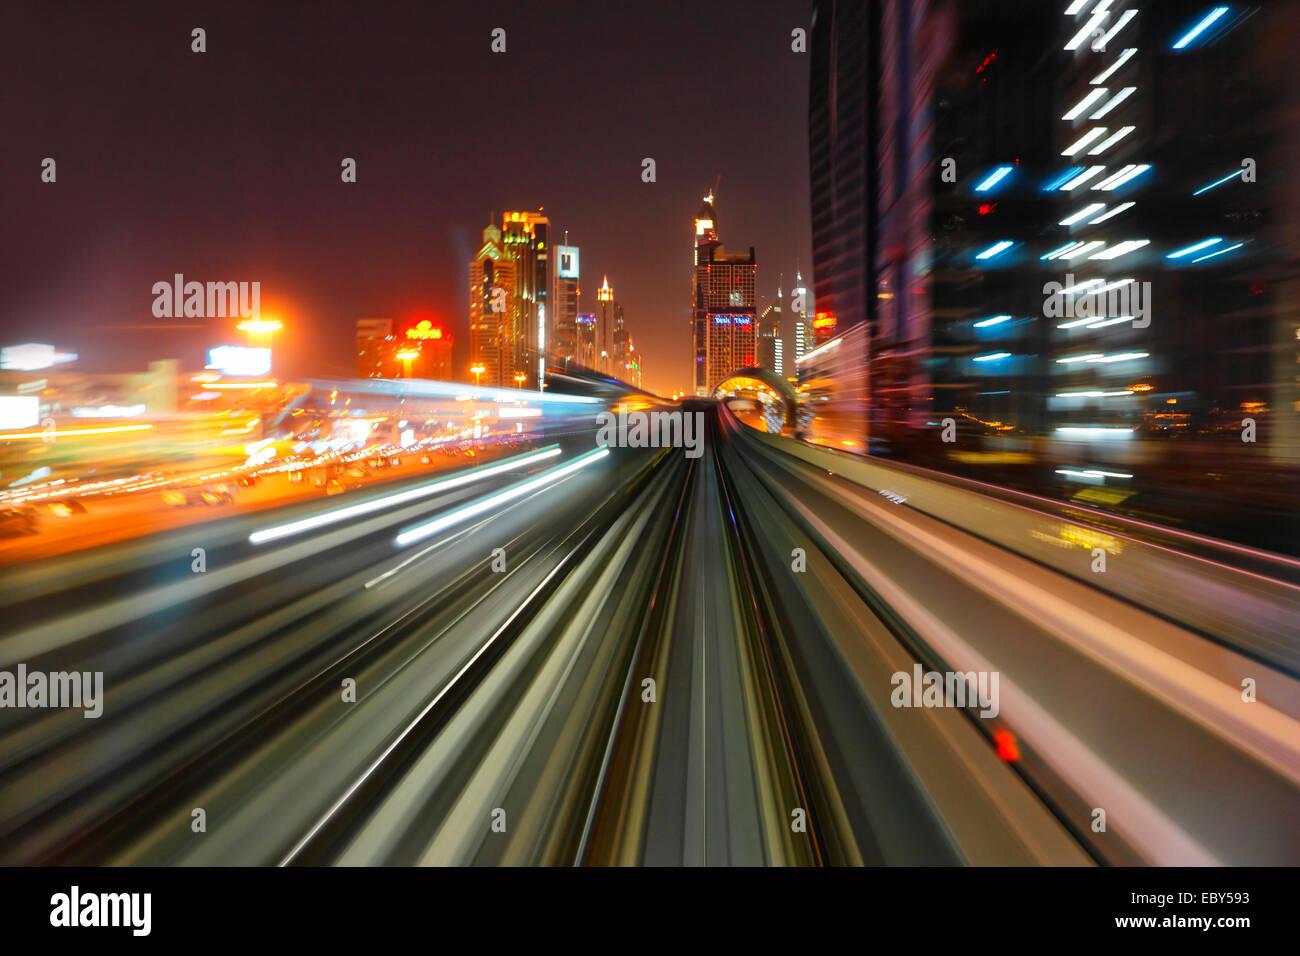 Dubai Metro by night - Stock Image